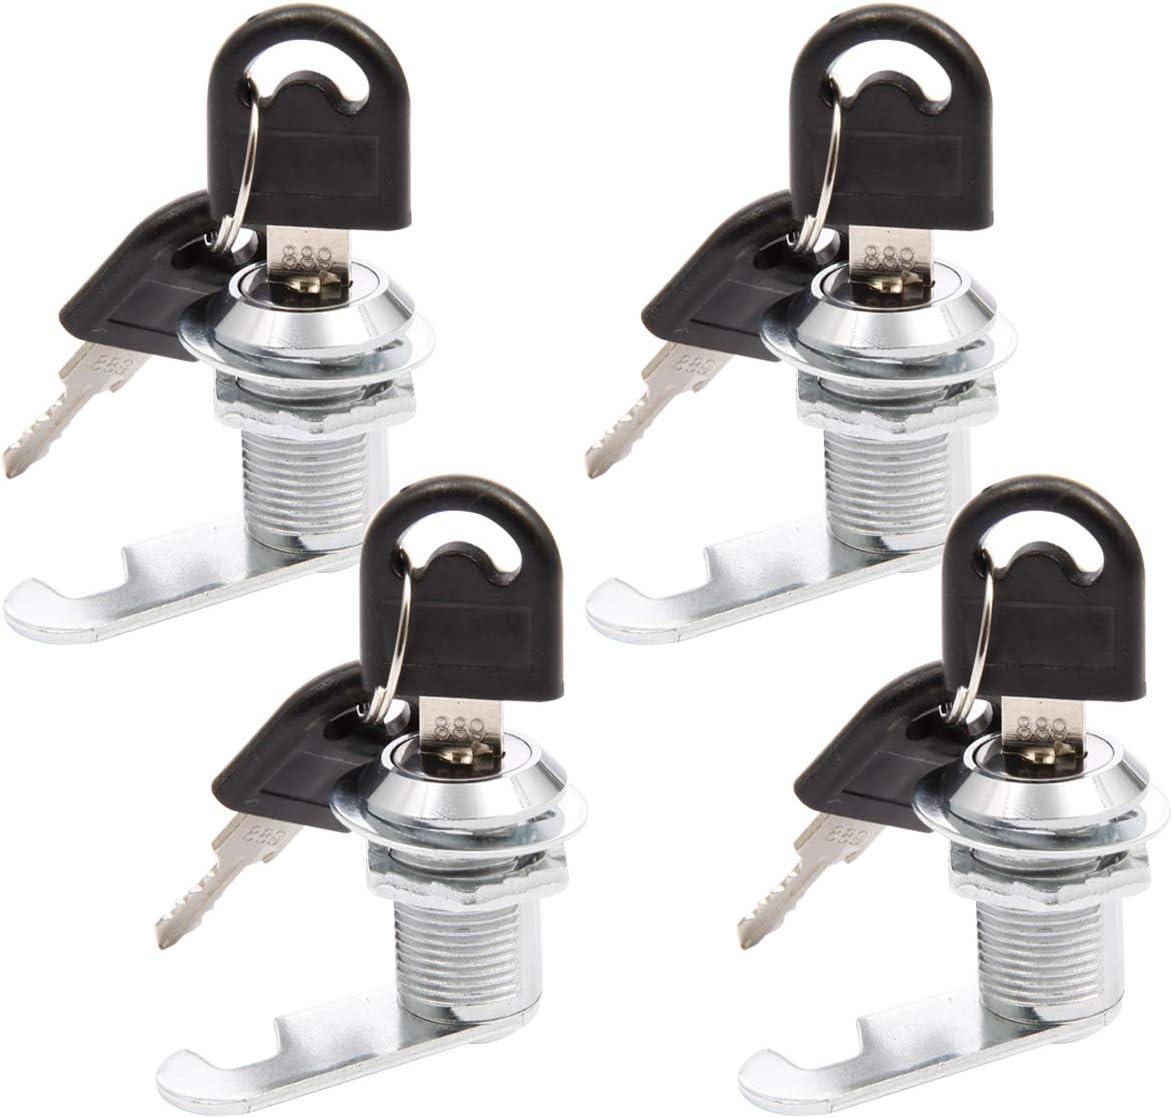 ToPicks Lot de 4 verrous de placard bo/îte aux lettres pour bo/îte aux lettres serrure /à came armoire avec 8 cl/és tiroir serrure de porte de placard